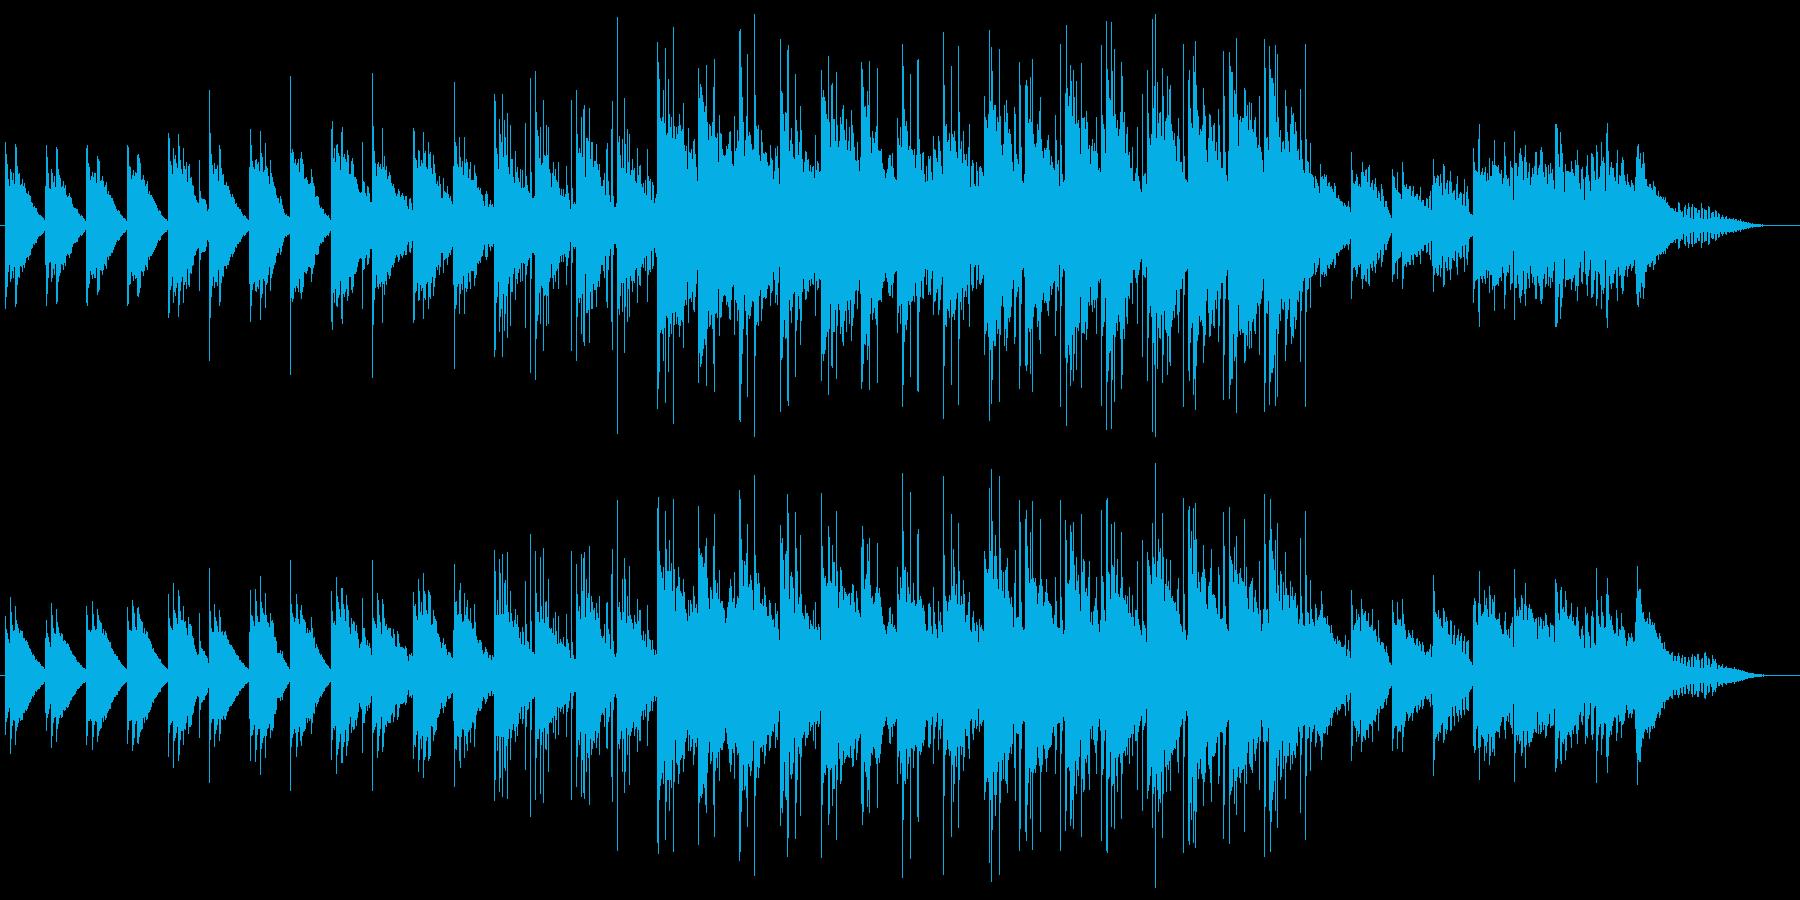 和風 オルゴール ベル 雪エレクトロニカの再生済みの波形